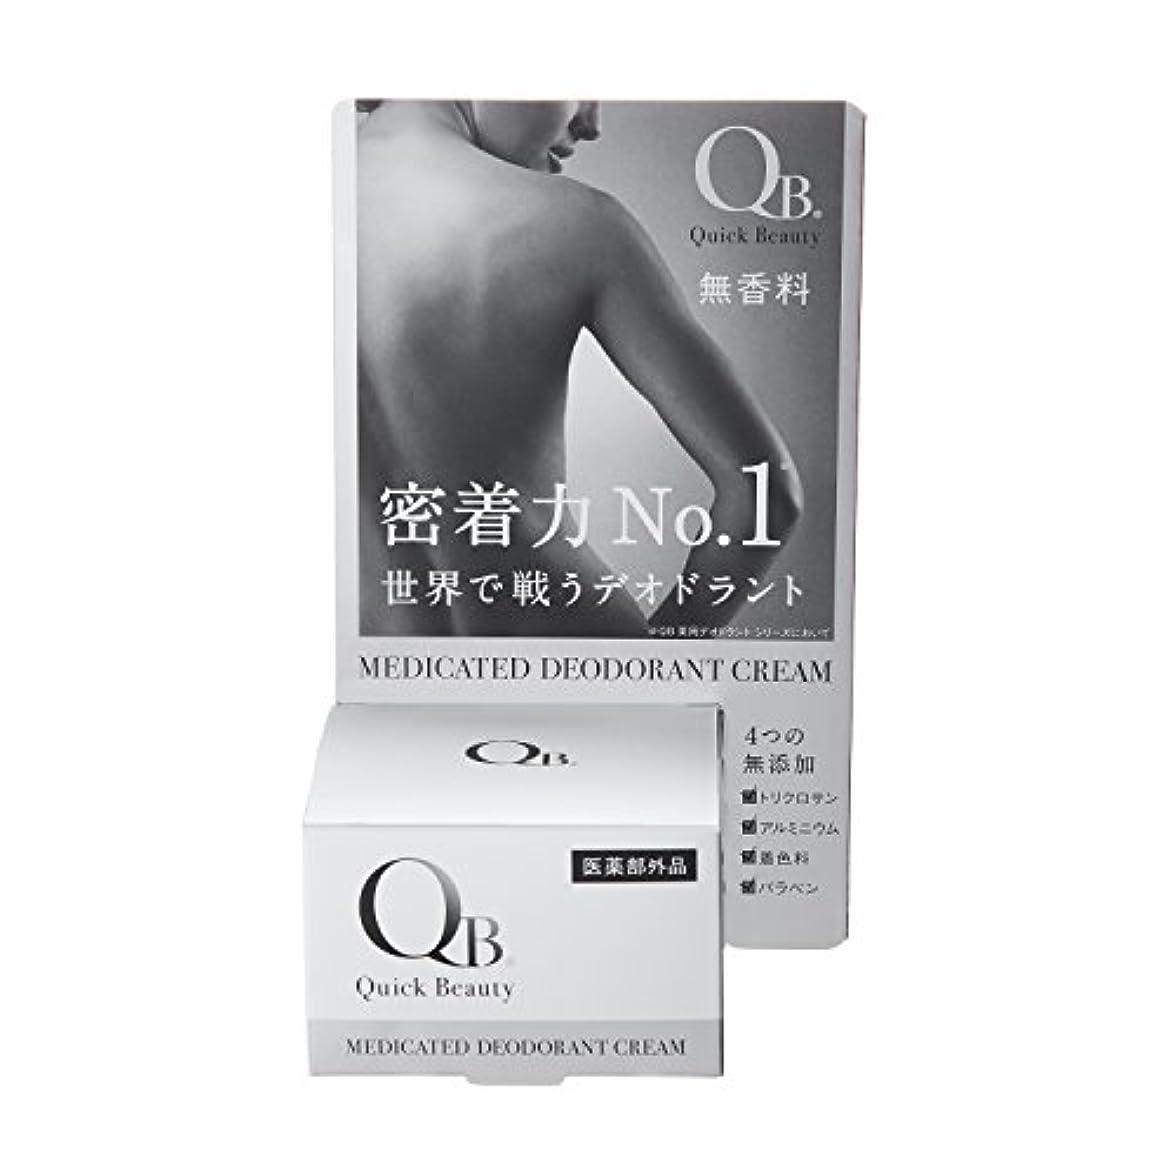 血統ゴミ箱公平QB 薬用デオドラントクリーム 30g